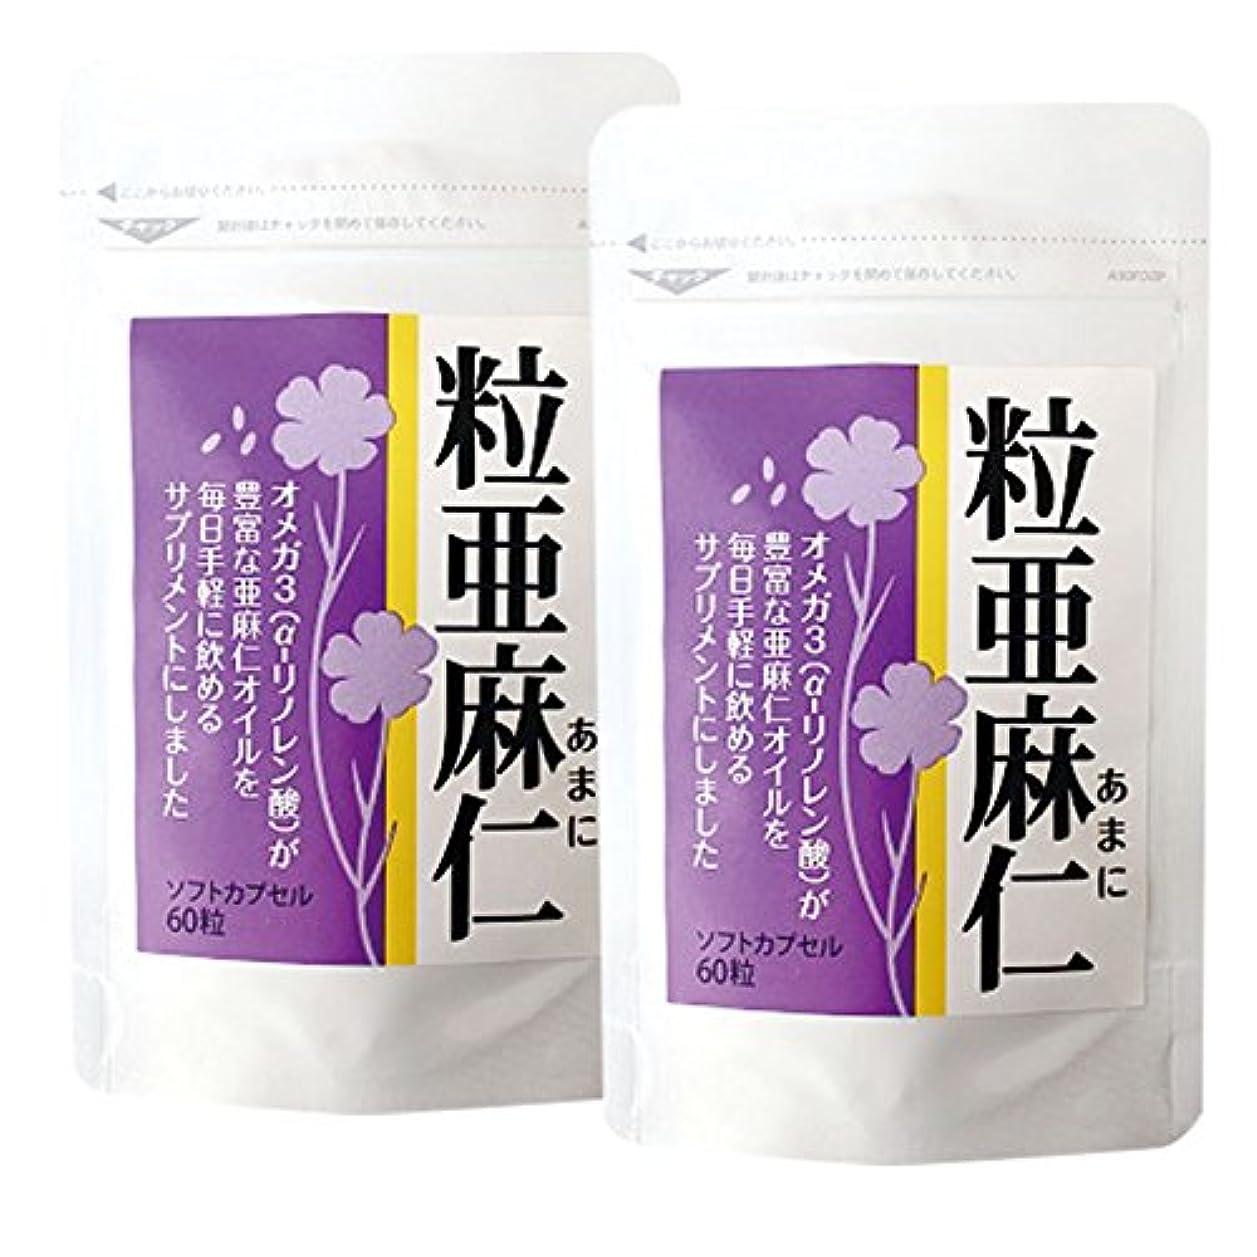 荒れ地辞任する無臭粒亜麻仁(60粒)×2袋セット